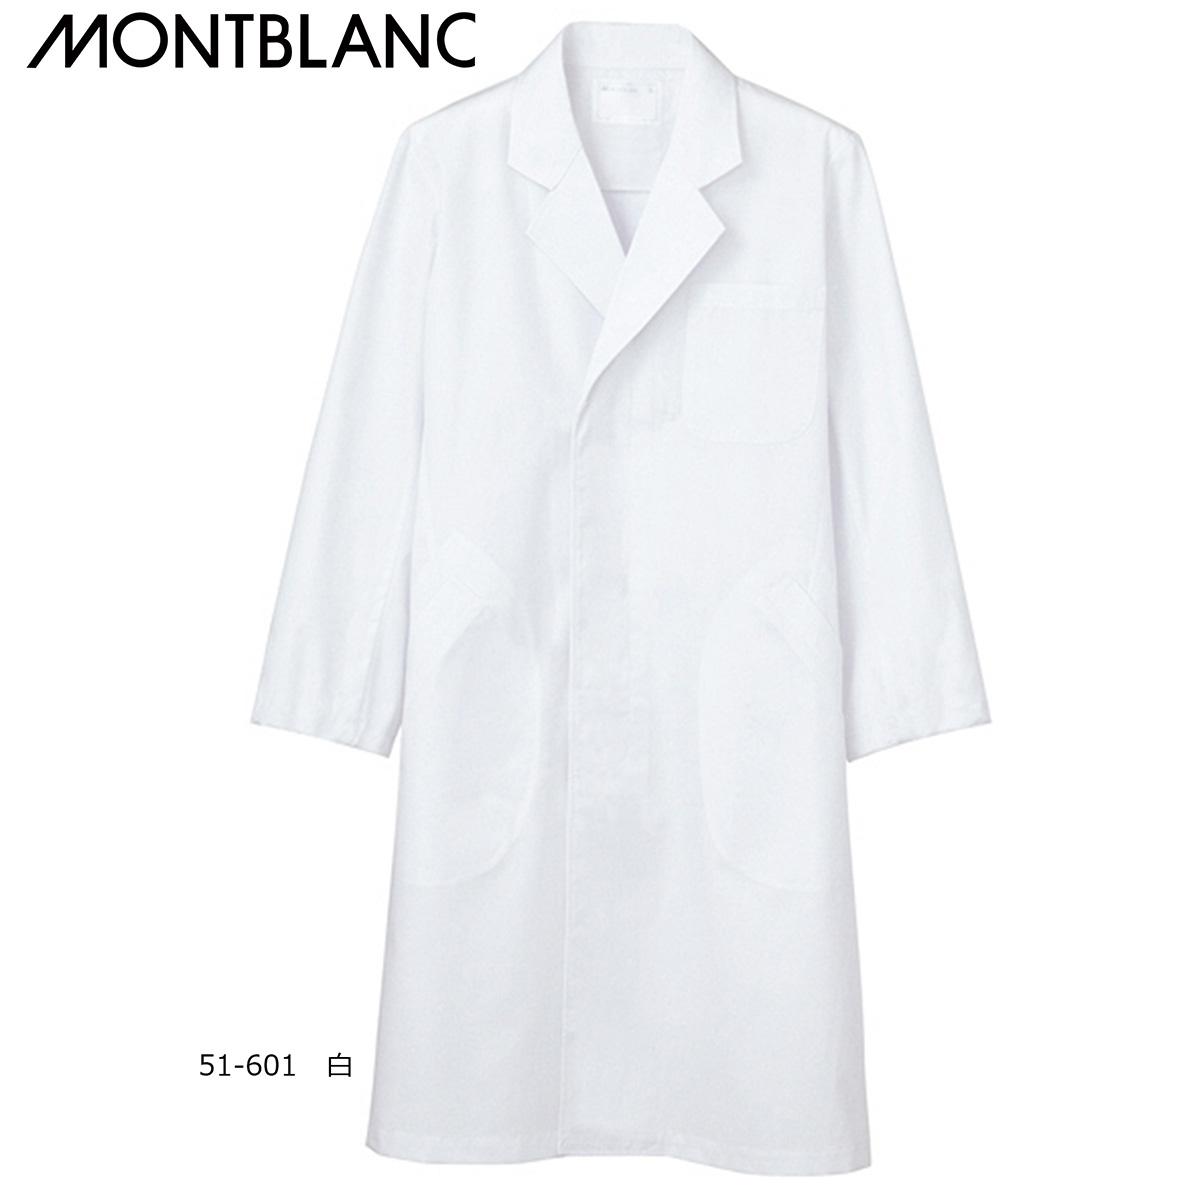 白衣 男性 モンブラン ドクターコート シングル 長袖 白 51-601 メンズ 診察衣 ホワイト